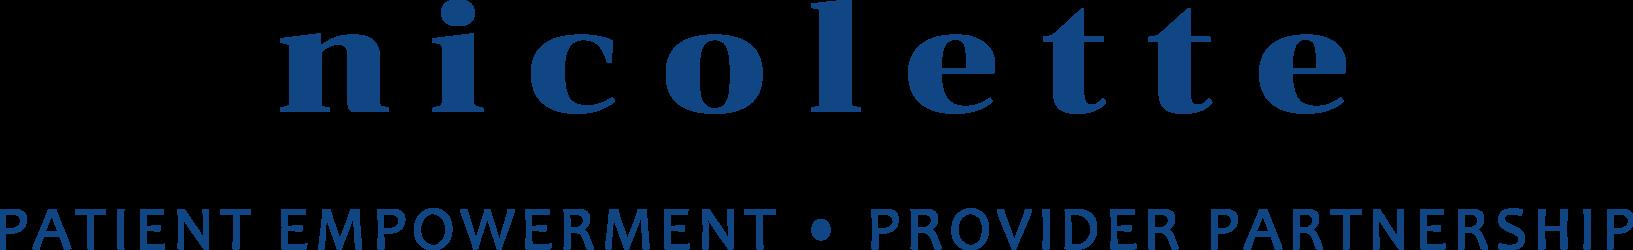 Nicolette: Patient Empowerment, Provider Partnership